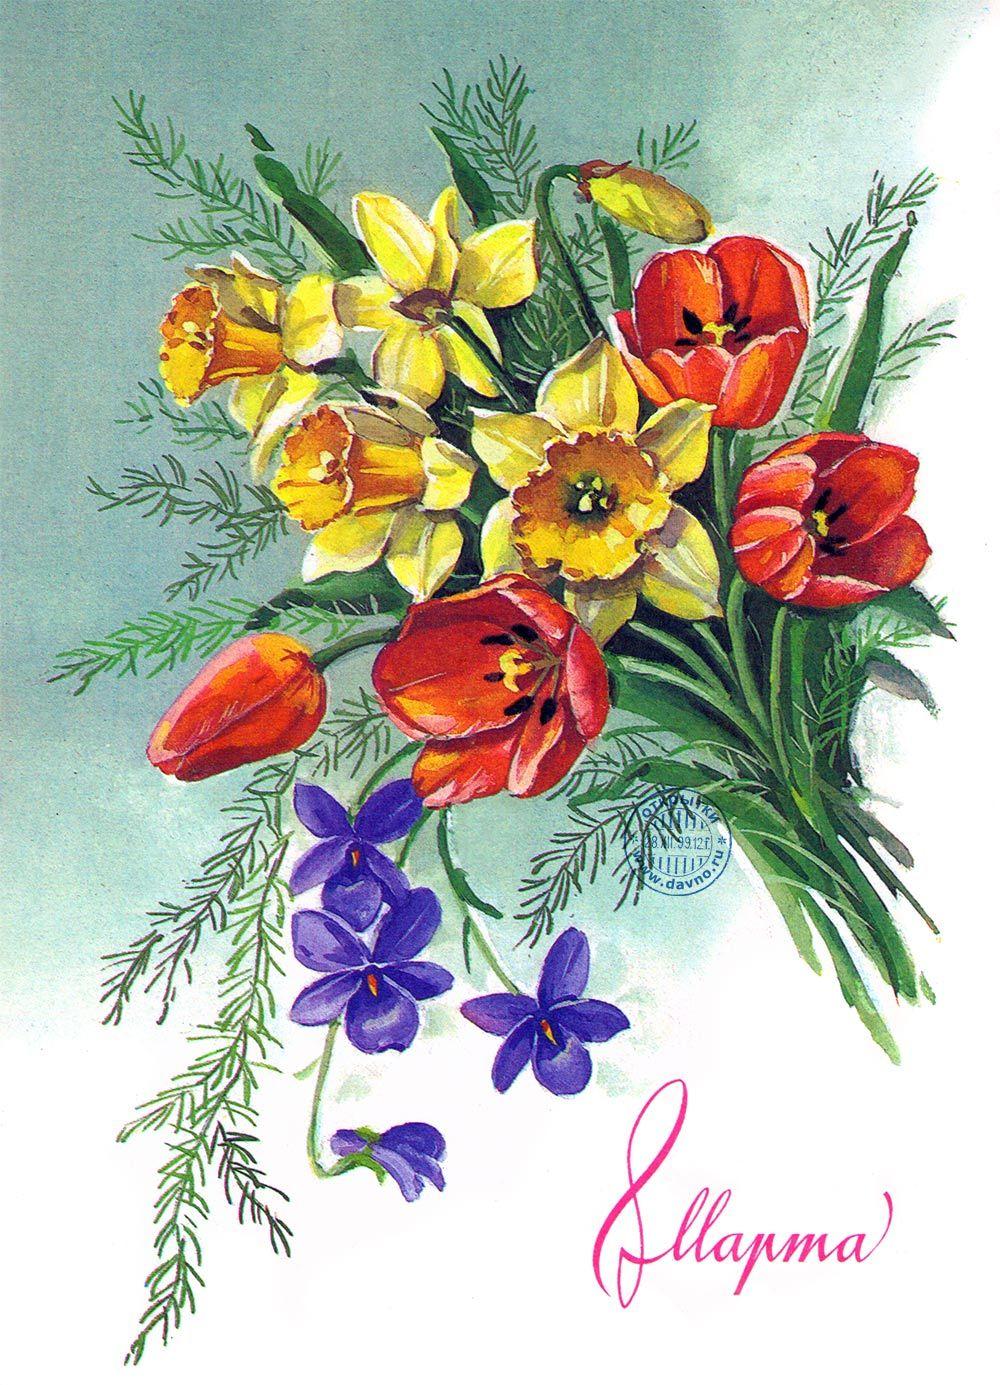 поздравление с 8 марта дорогая ссср финансовой деятельностью